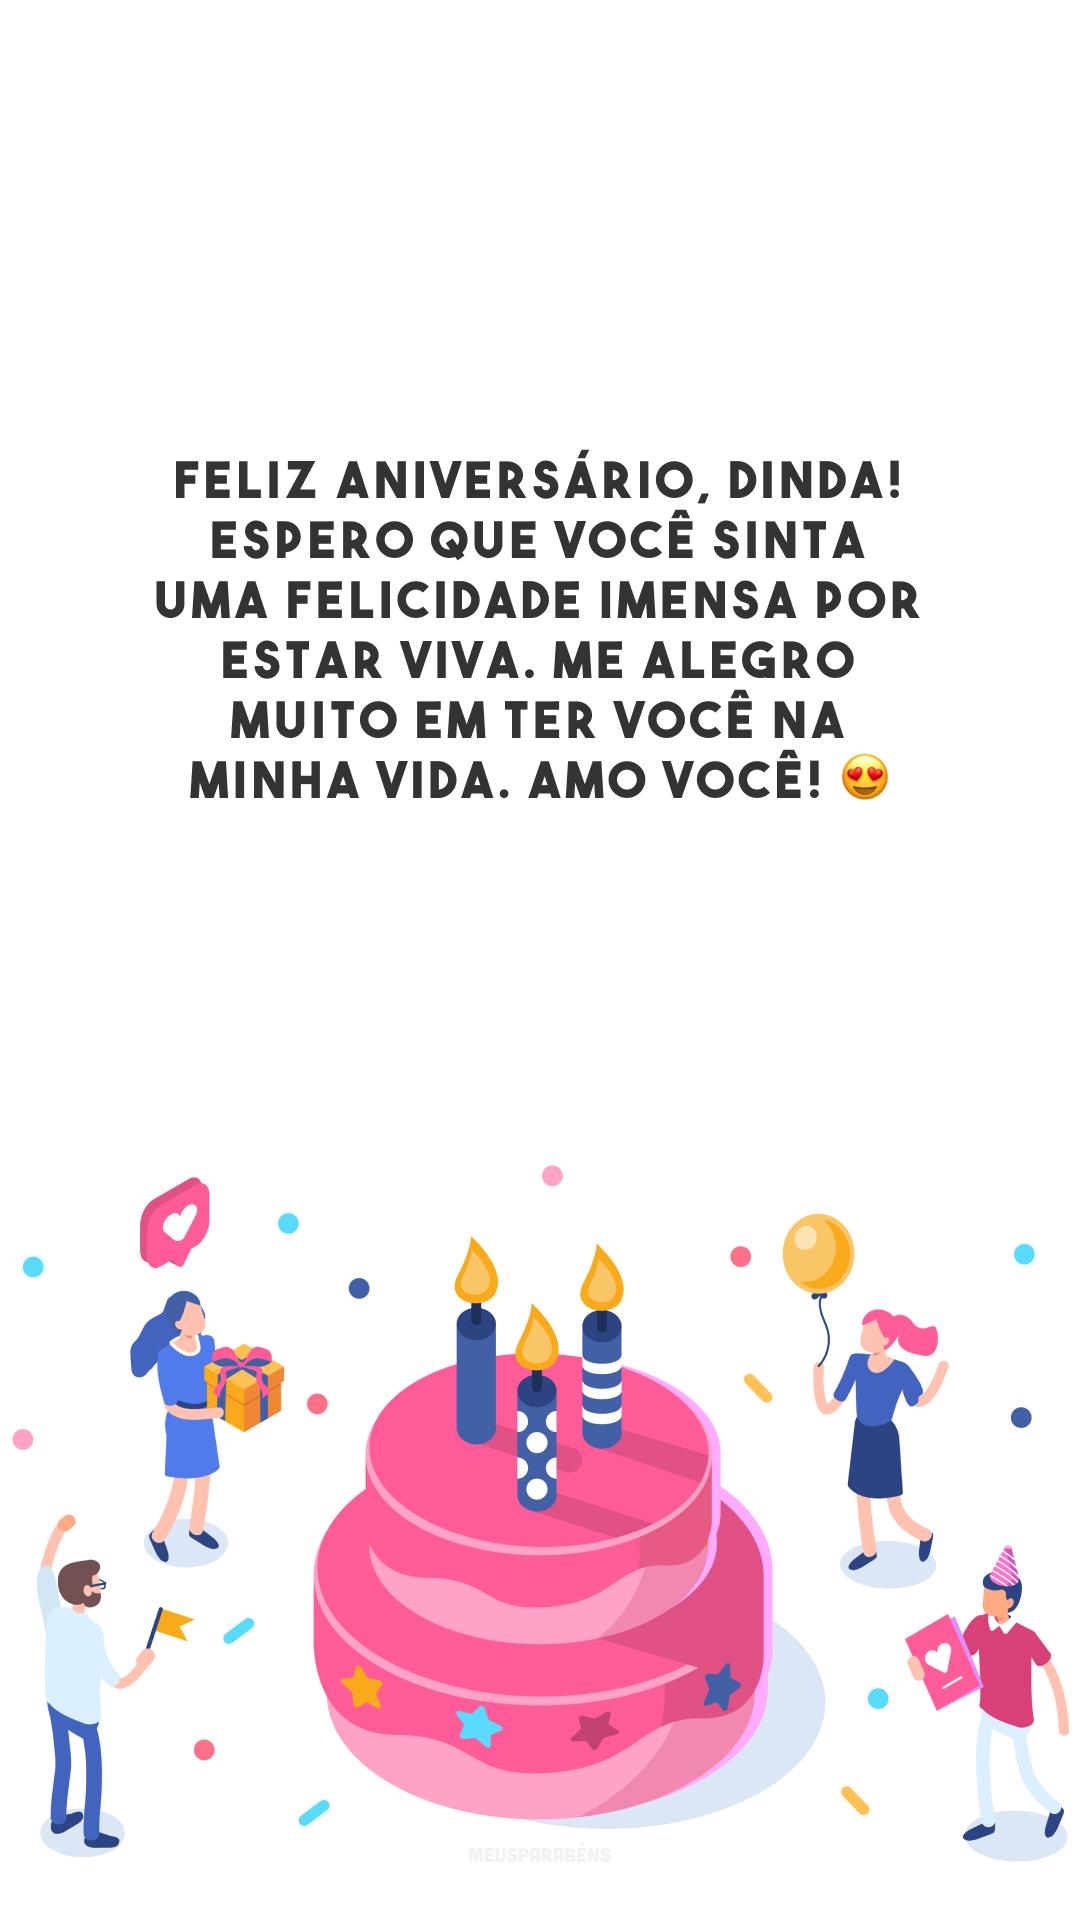 Feliz aniversário, dinda! Espero que você sinta uma felicidade imensa por estar viva. Me alegro muito em ter você na minha vida. Amo você! 😍